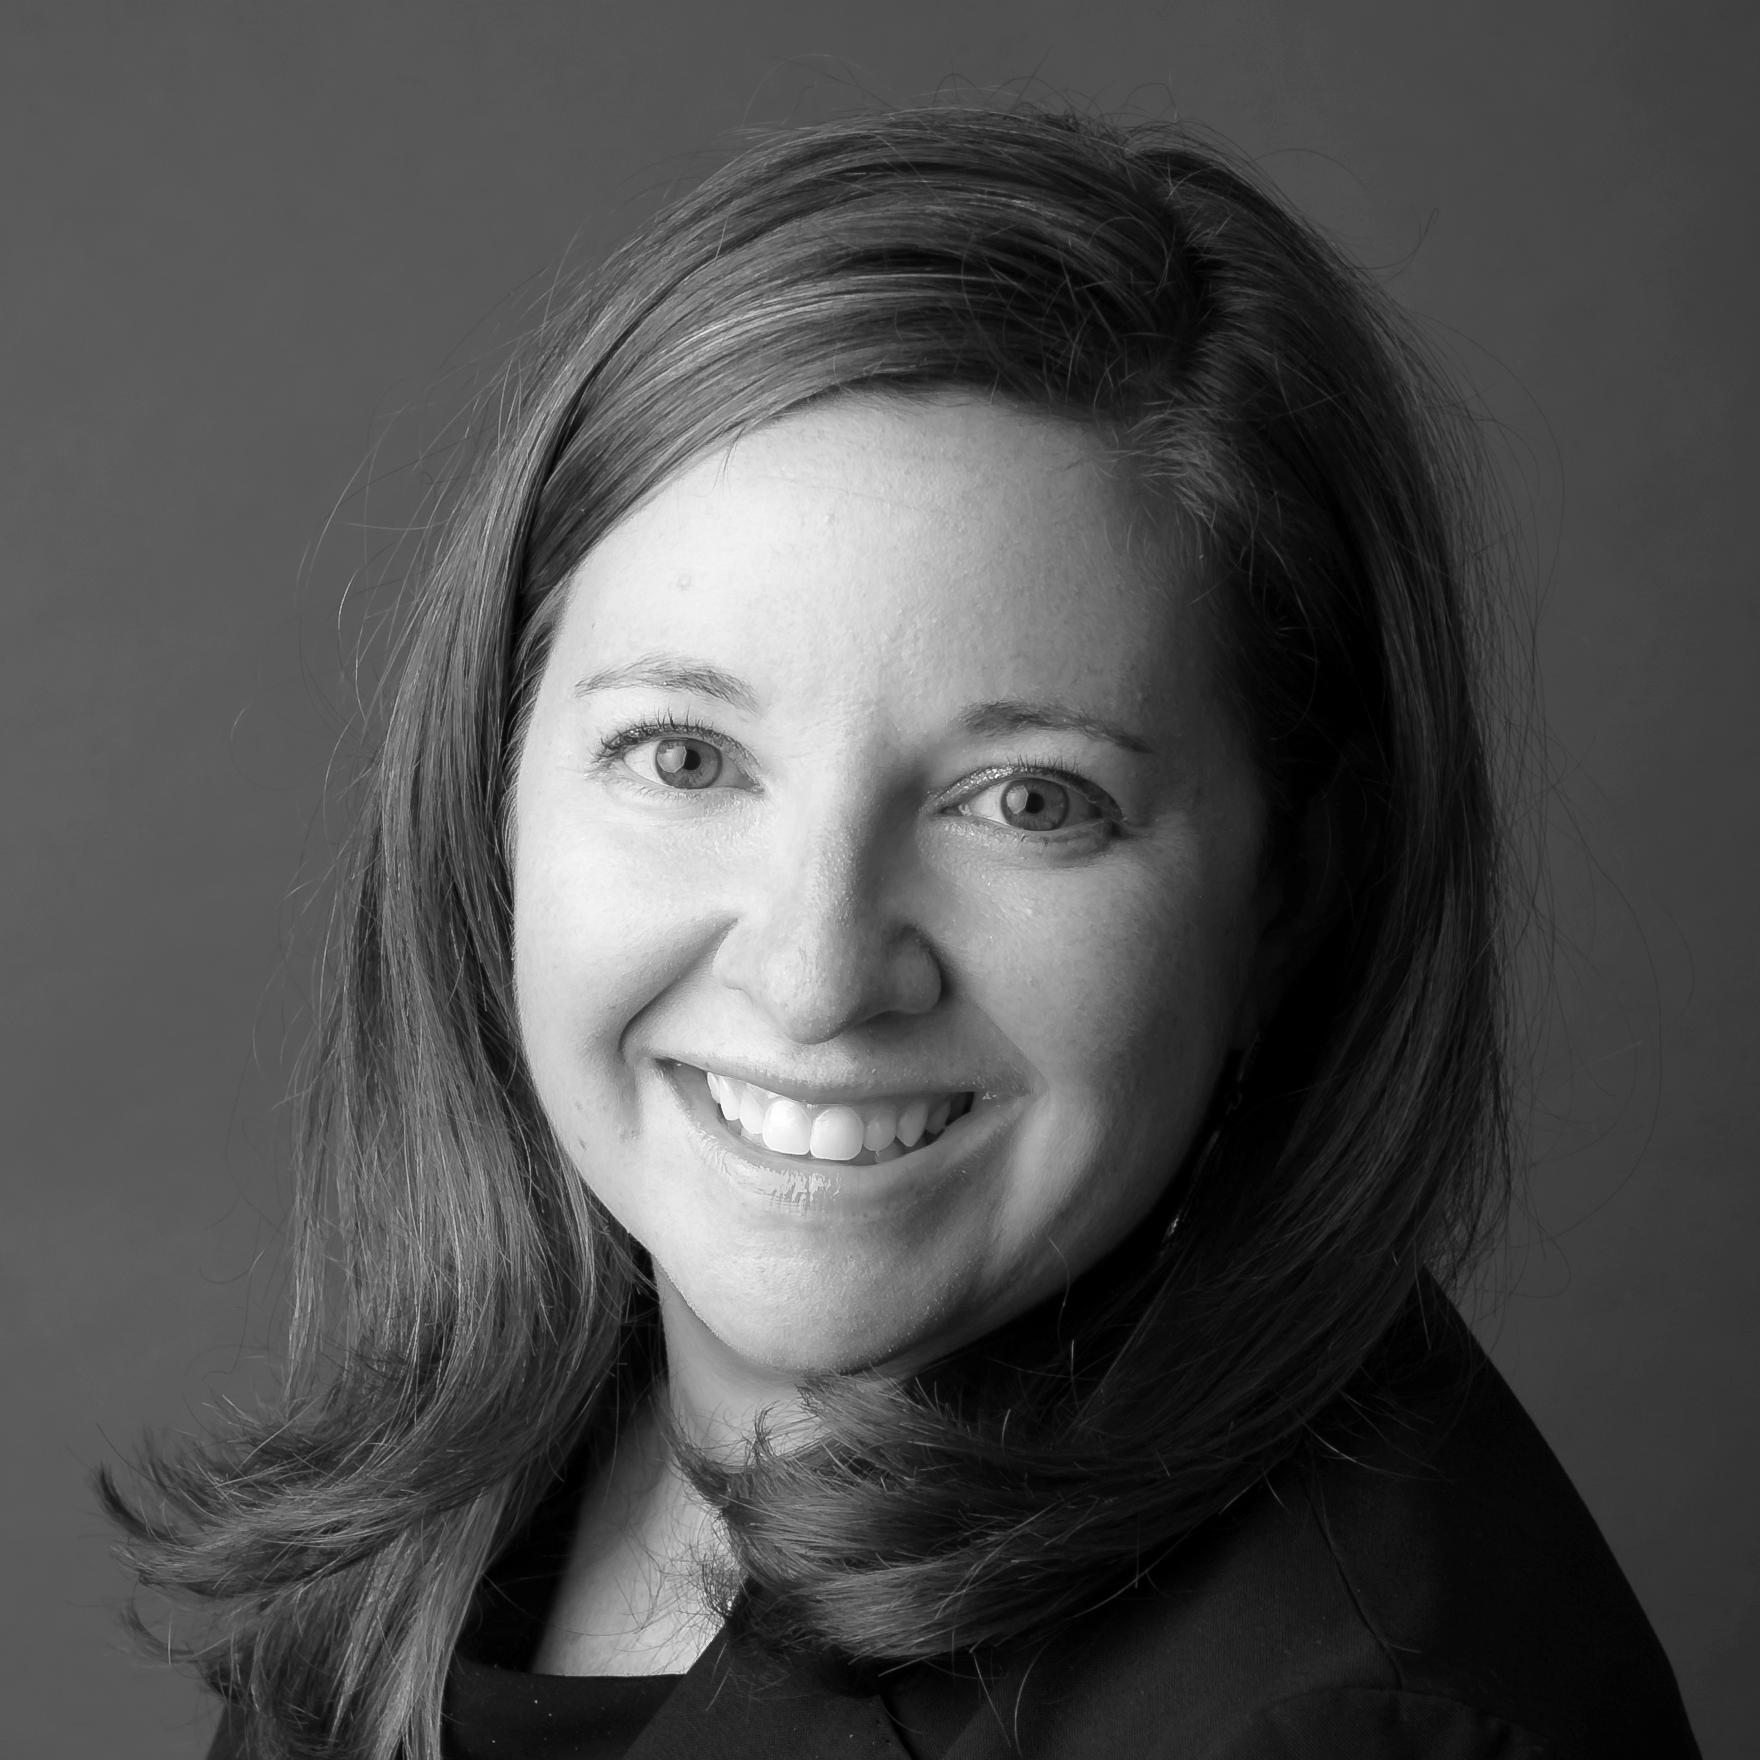 Julie S. Nugent